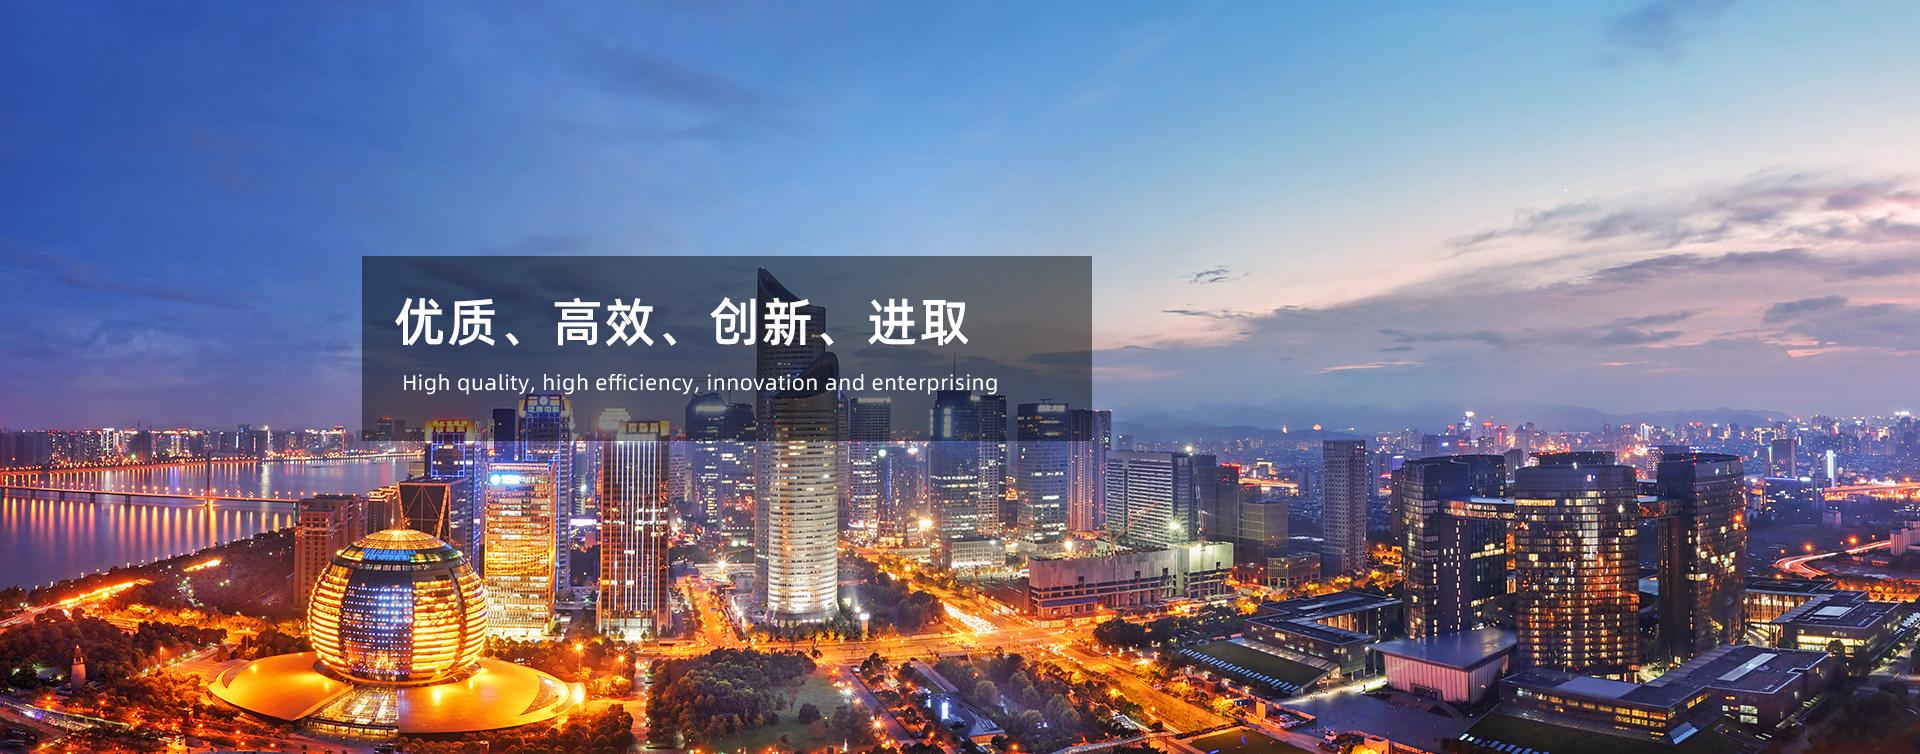 宜昌建筑公司